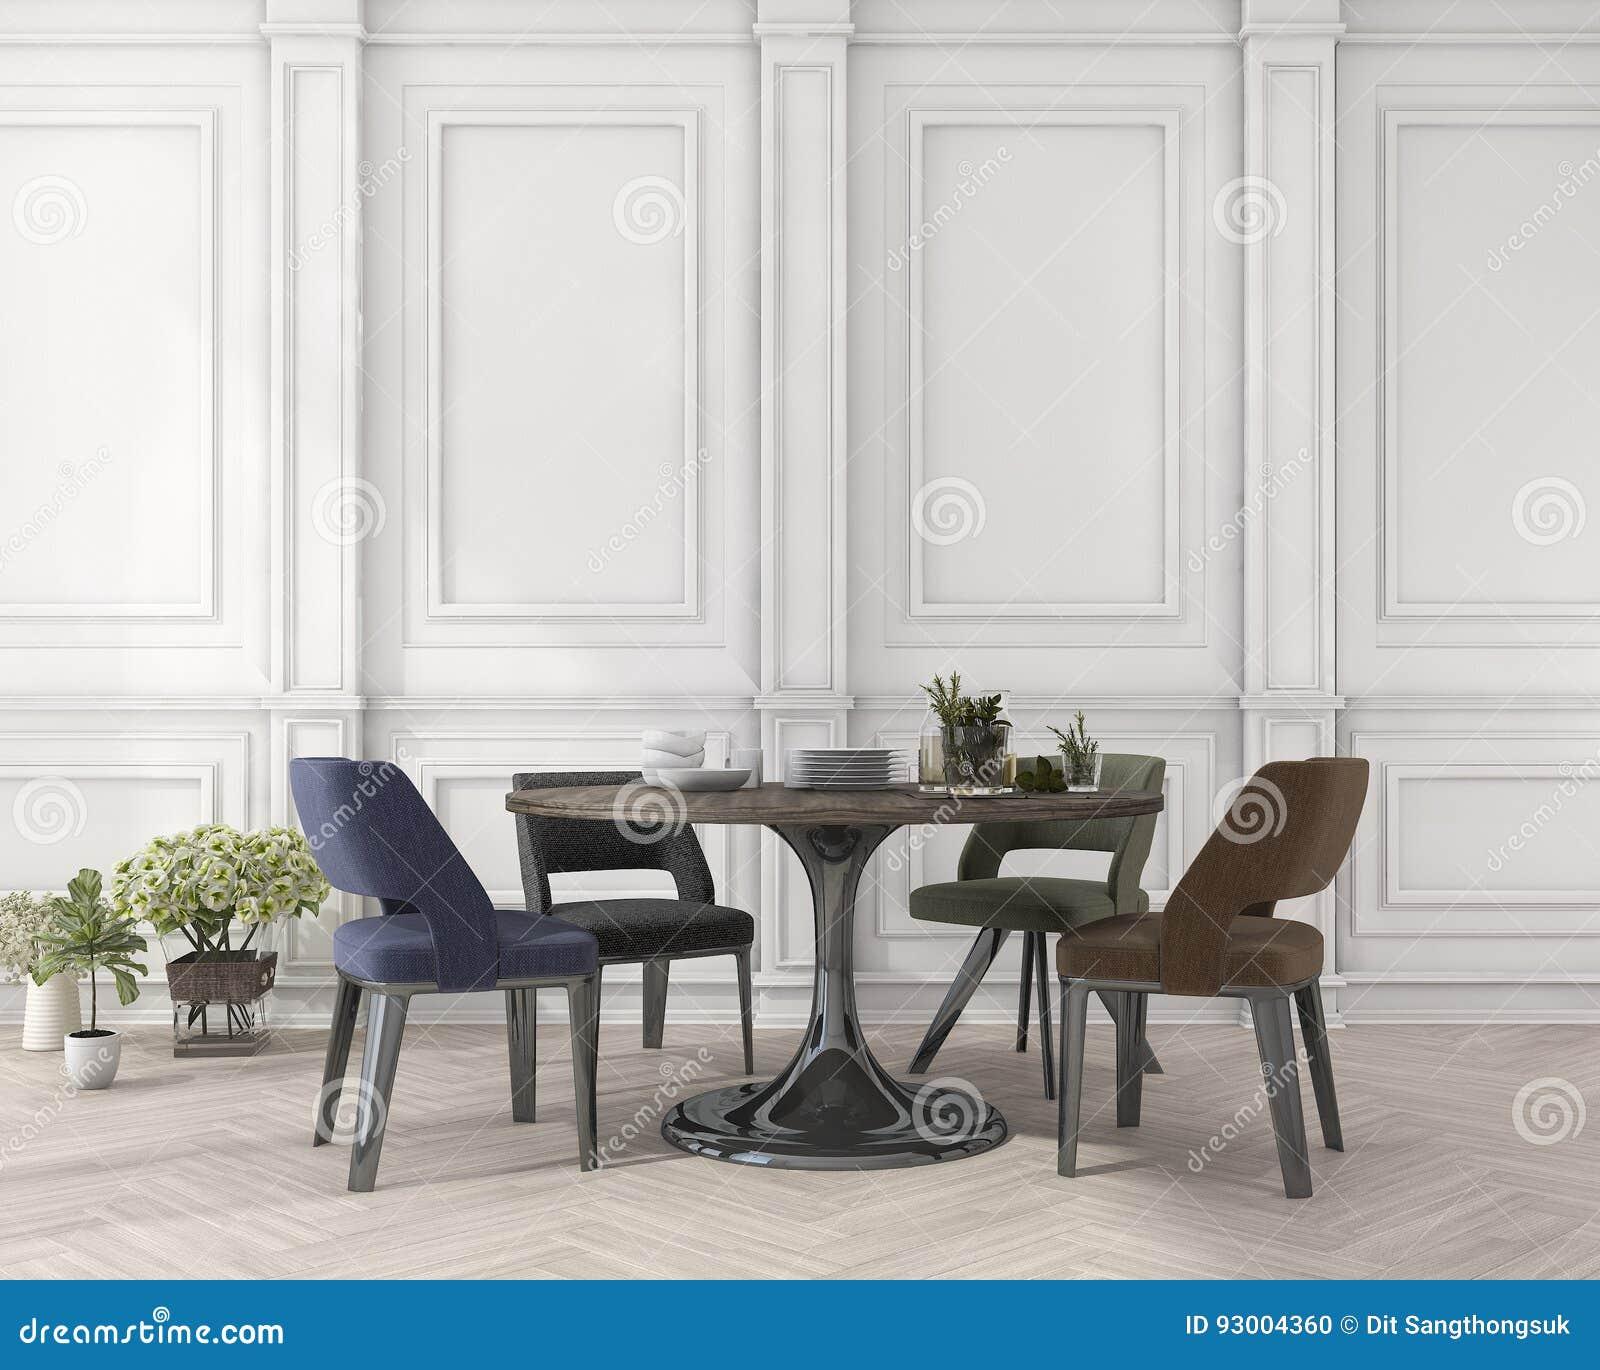 3d Rendant La Chaise Et La Table De Salle A Manger Colorees Dans La